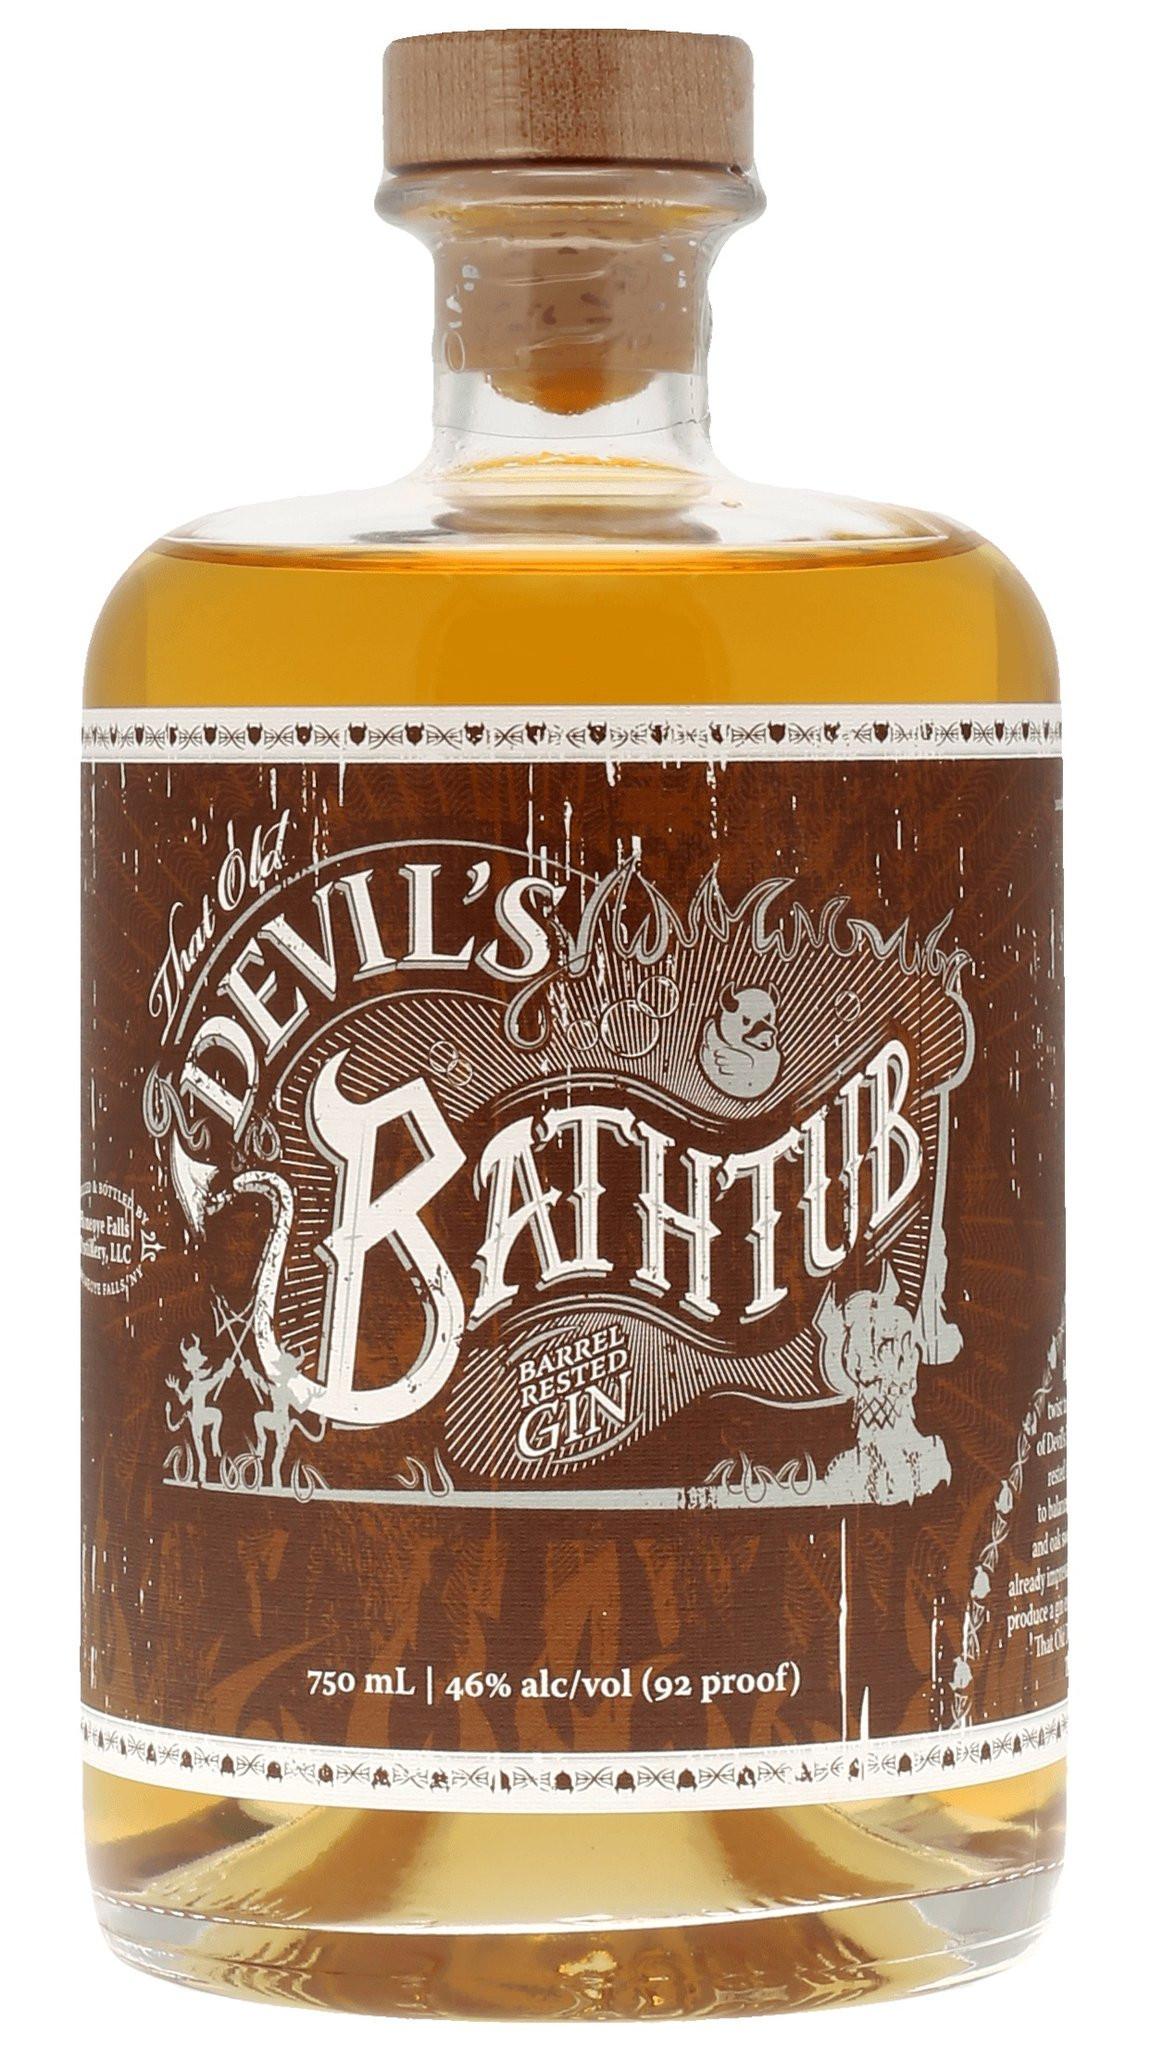 Devil's Bathtub Barrel Aged Gin 750ml